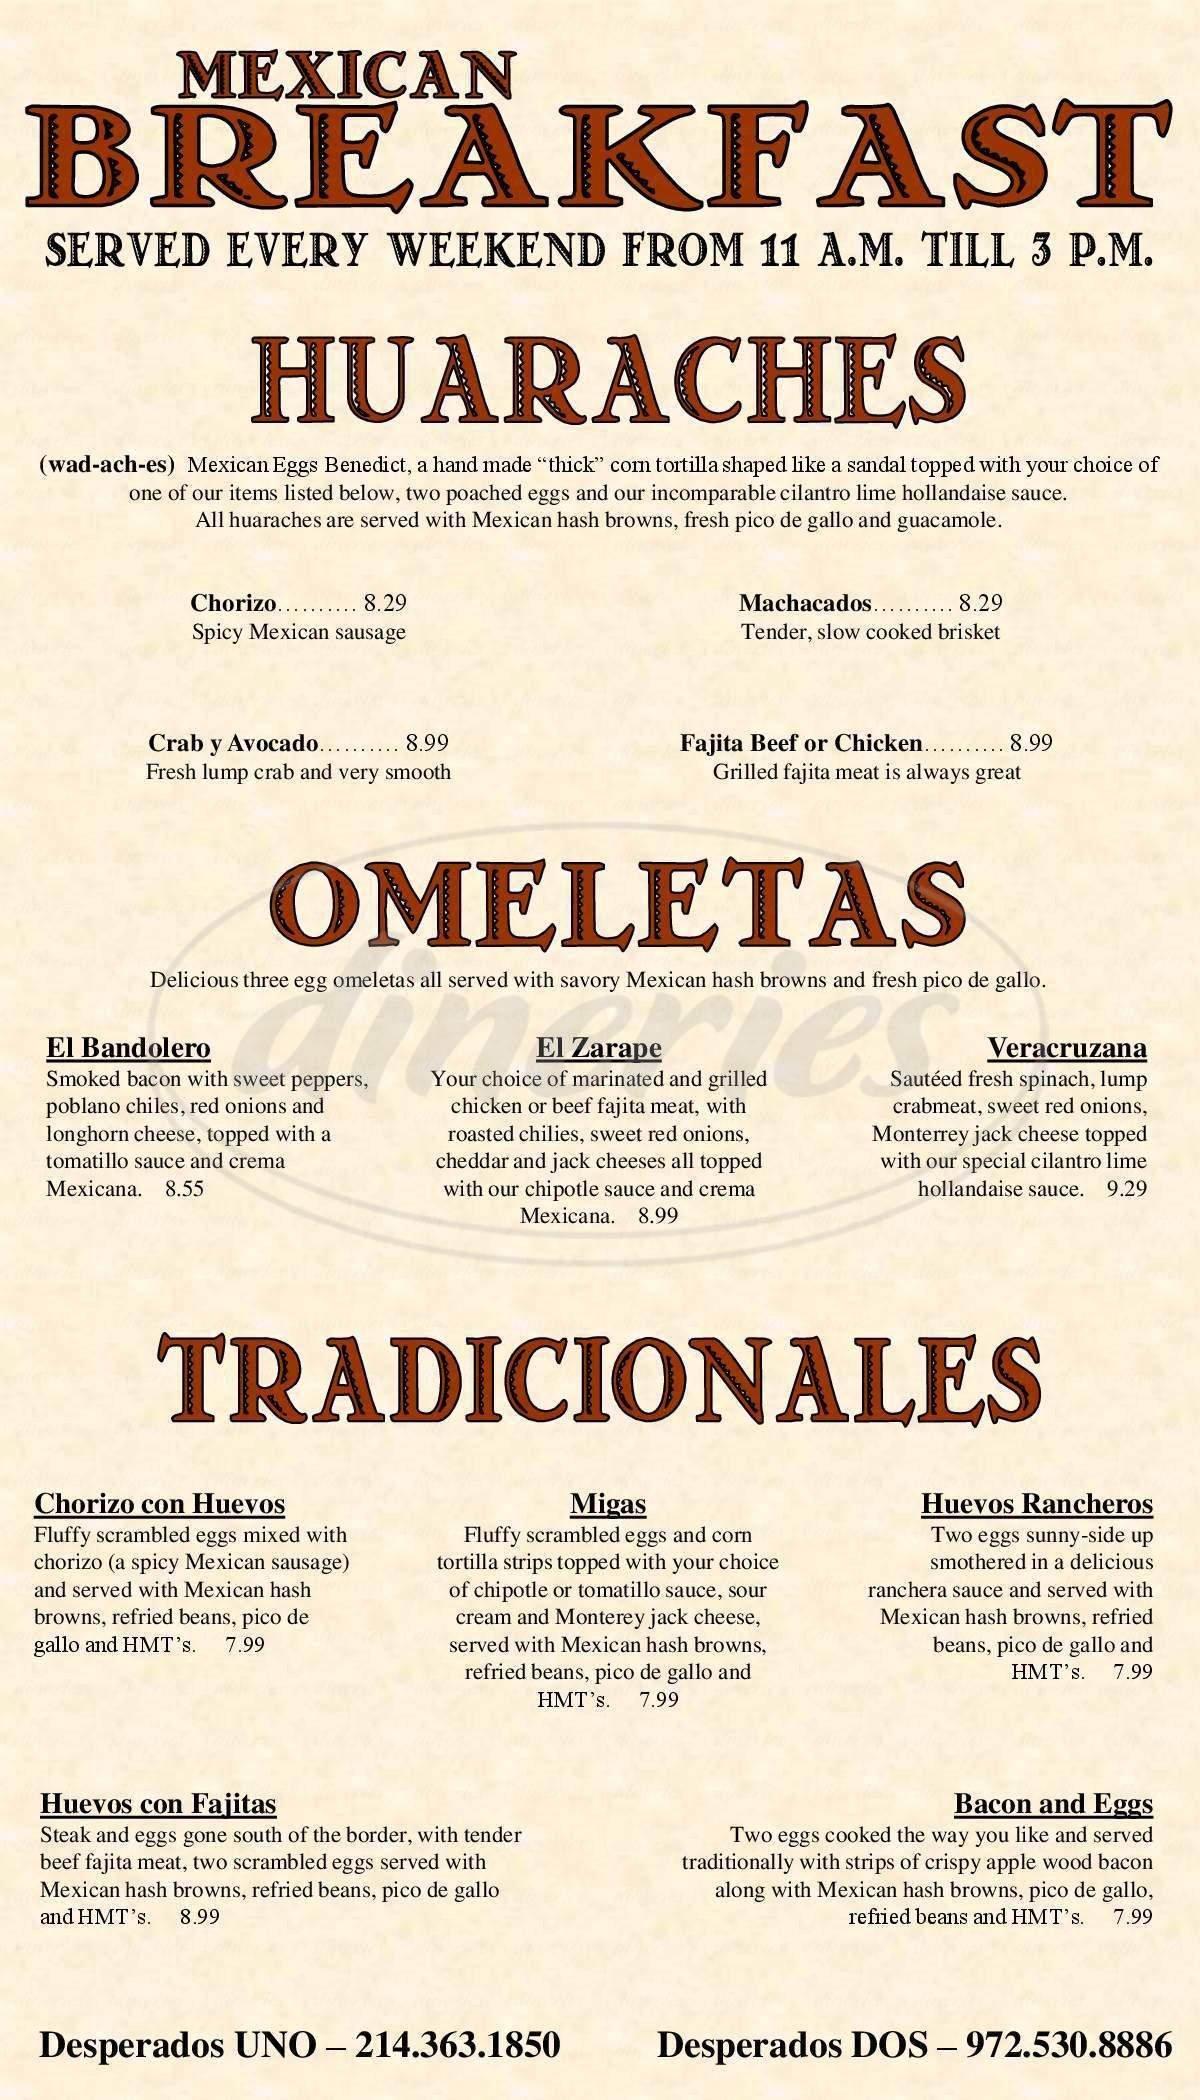 menu for Desperados